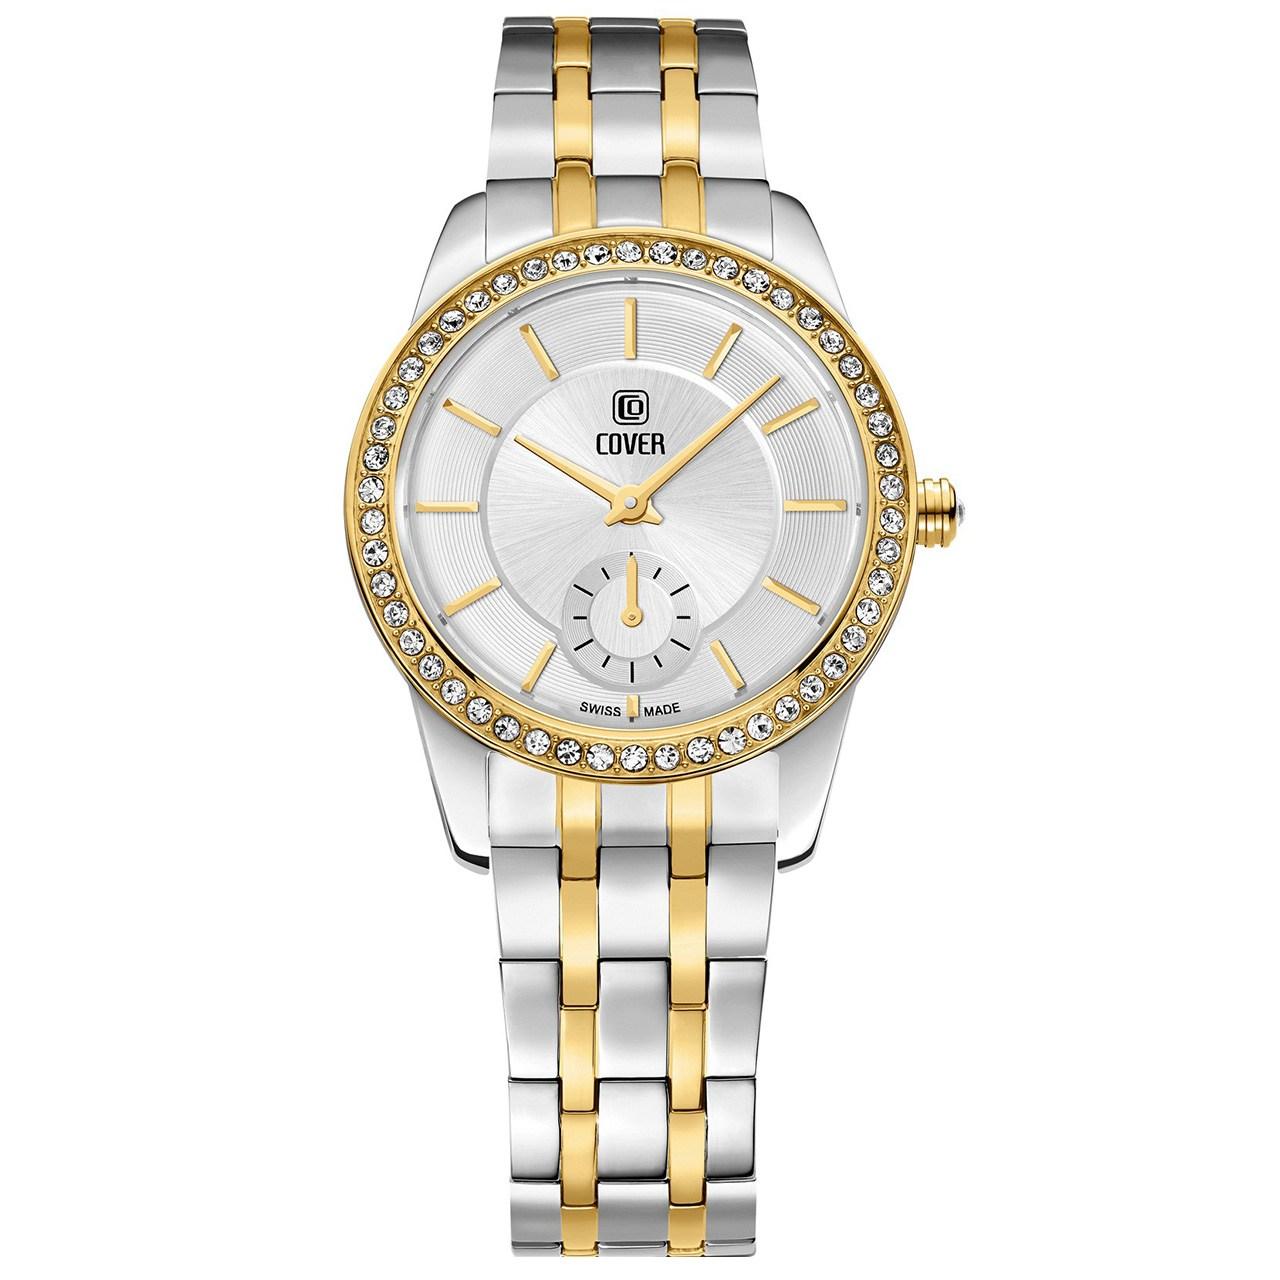 ساعت مچی عقربه ای زنانه کاور مدل Co174.04